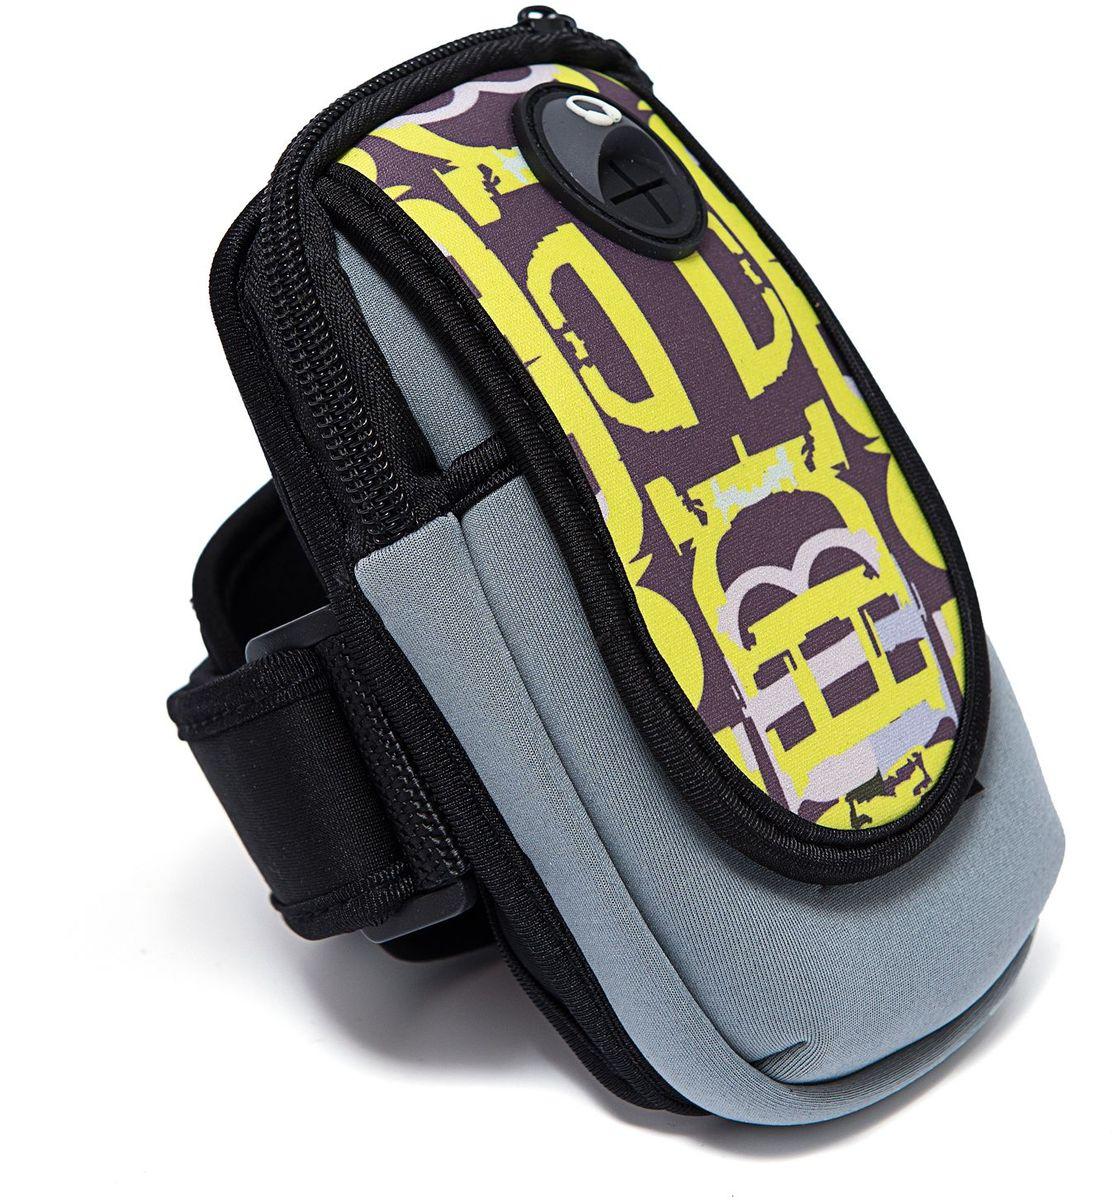 Органайзер Homsu, цвет: желтый, 15 х 9 смR-139Органайзер на руку - оригинальный и практичный аксессуар, выполнен в яркой расцветке, имеет отверстие для наушников, удобно крепится на руку. Незаименимая вещь для тех, кто ведет активный образ жизни. Размер изделия: 15х9см